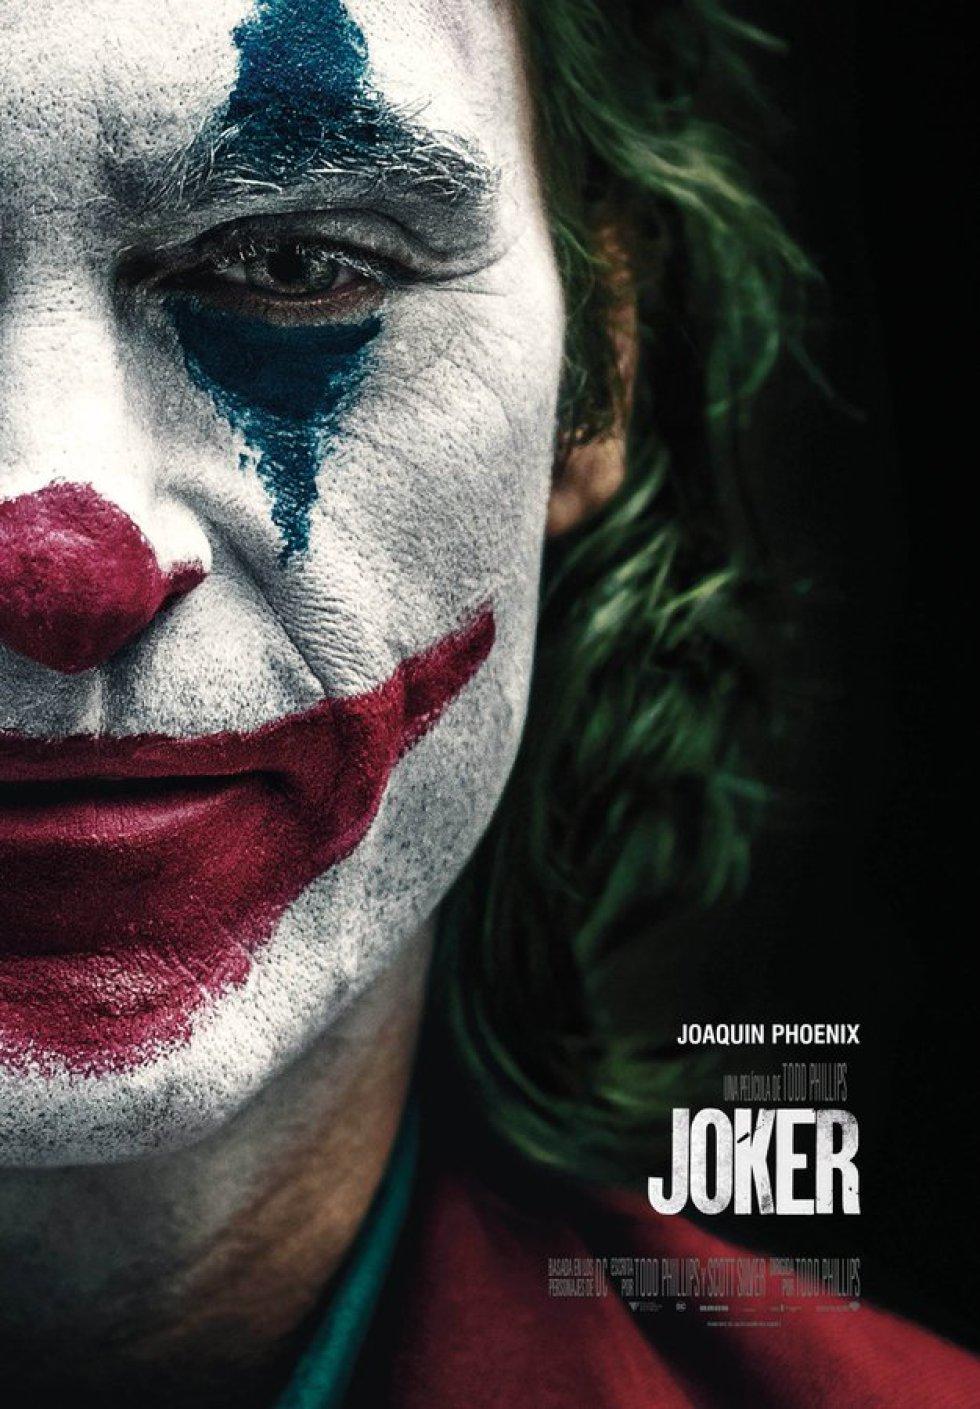 'Joker' narra la vida de Arthur Fleck, personaje que interpreta Joaquin Phoenix, un hombre con problemas psiquiátricos que acabará convertido en uno de los grandes villanos de D. C. Una obra muy alejada de las películas de superhéroes al uso.